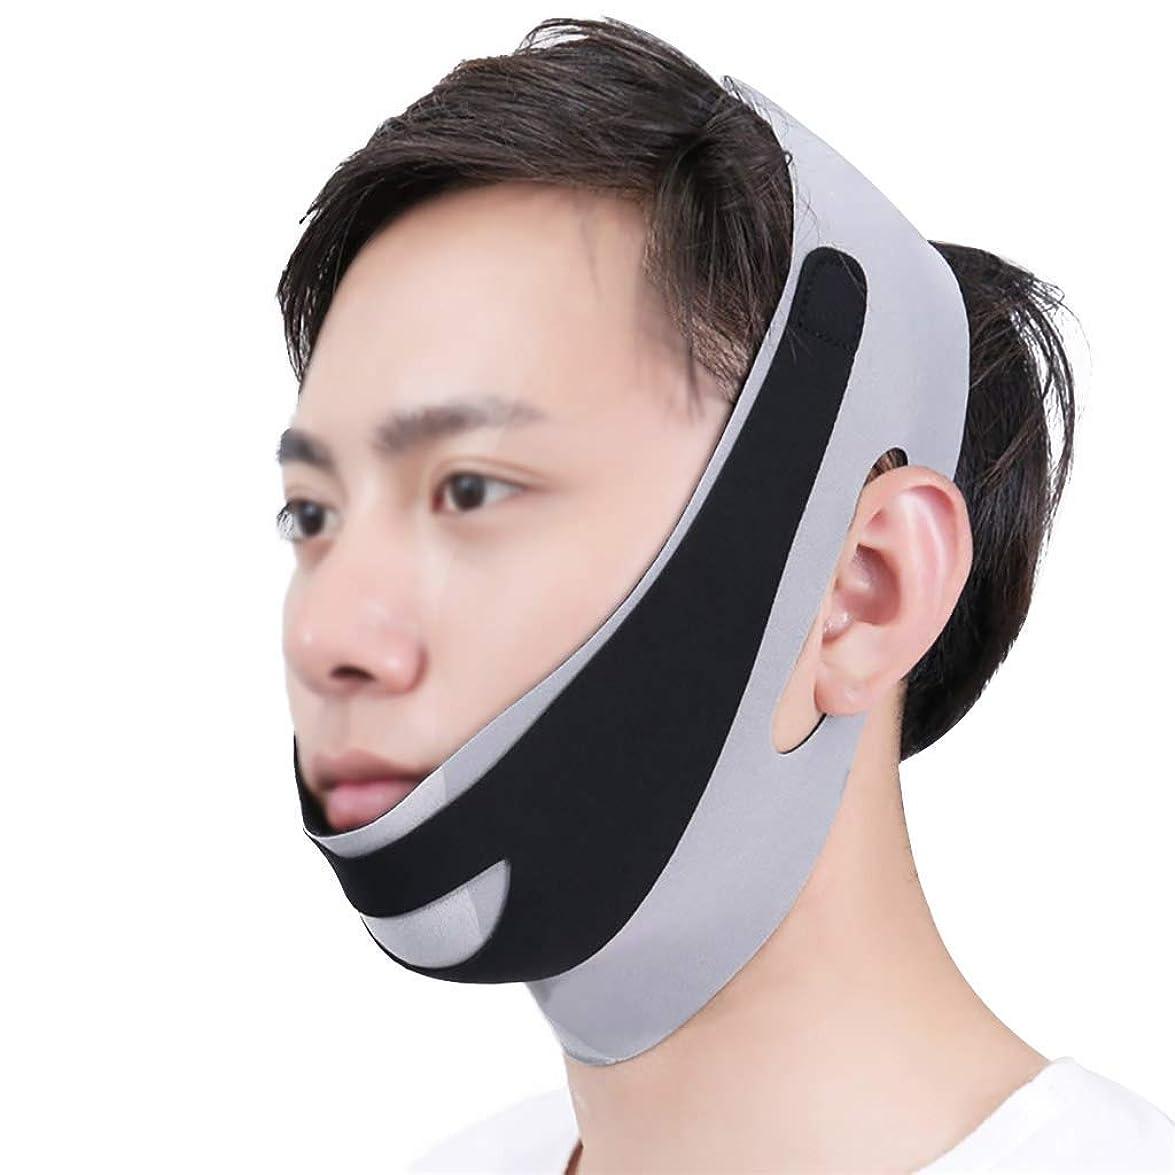 汚れた誕生しっとり顔と首のリフト術後の弾性フェイスマスク小さなV顔アーティファクト薄い顔包帯アーティファクトV顔ぶら下げ耳リフティング引き締め男性の顔アーティファクト